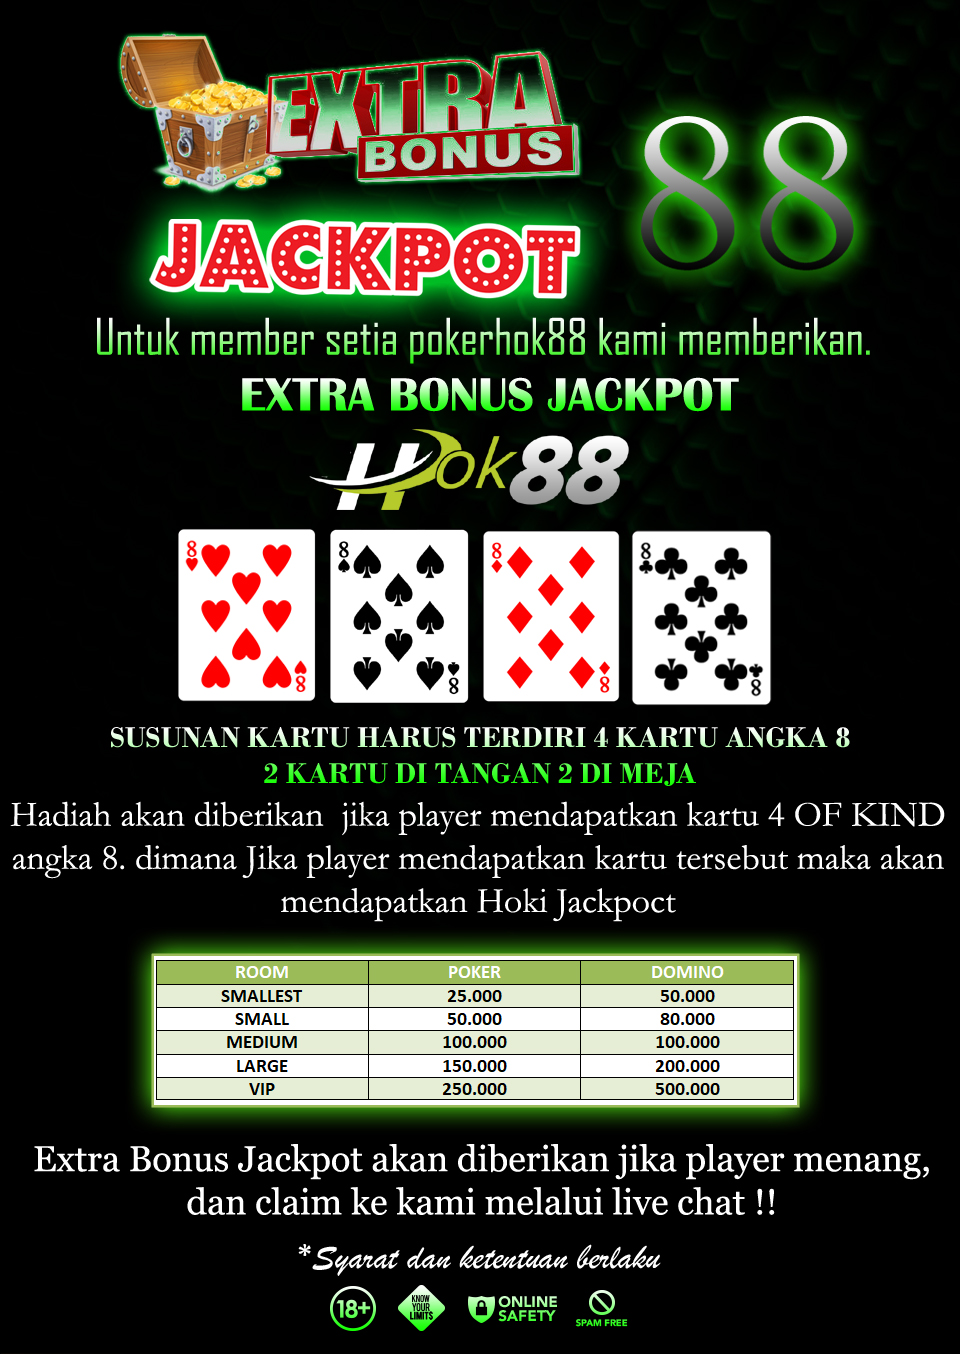 Pokerhok88